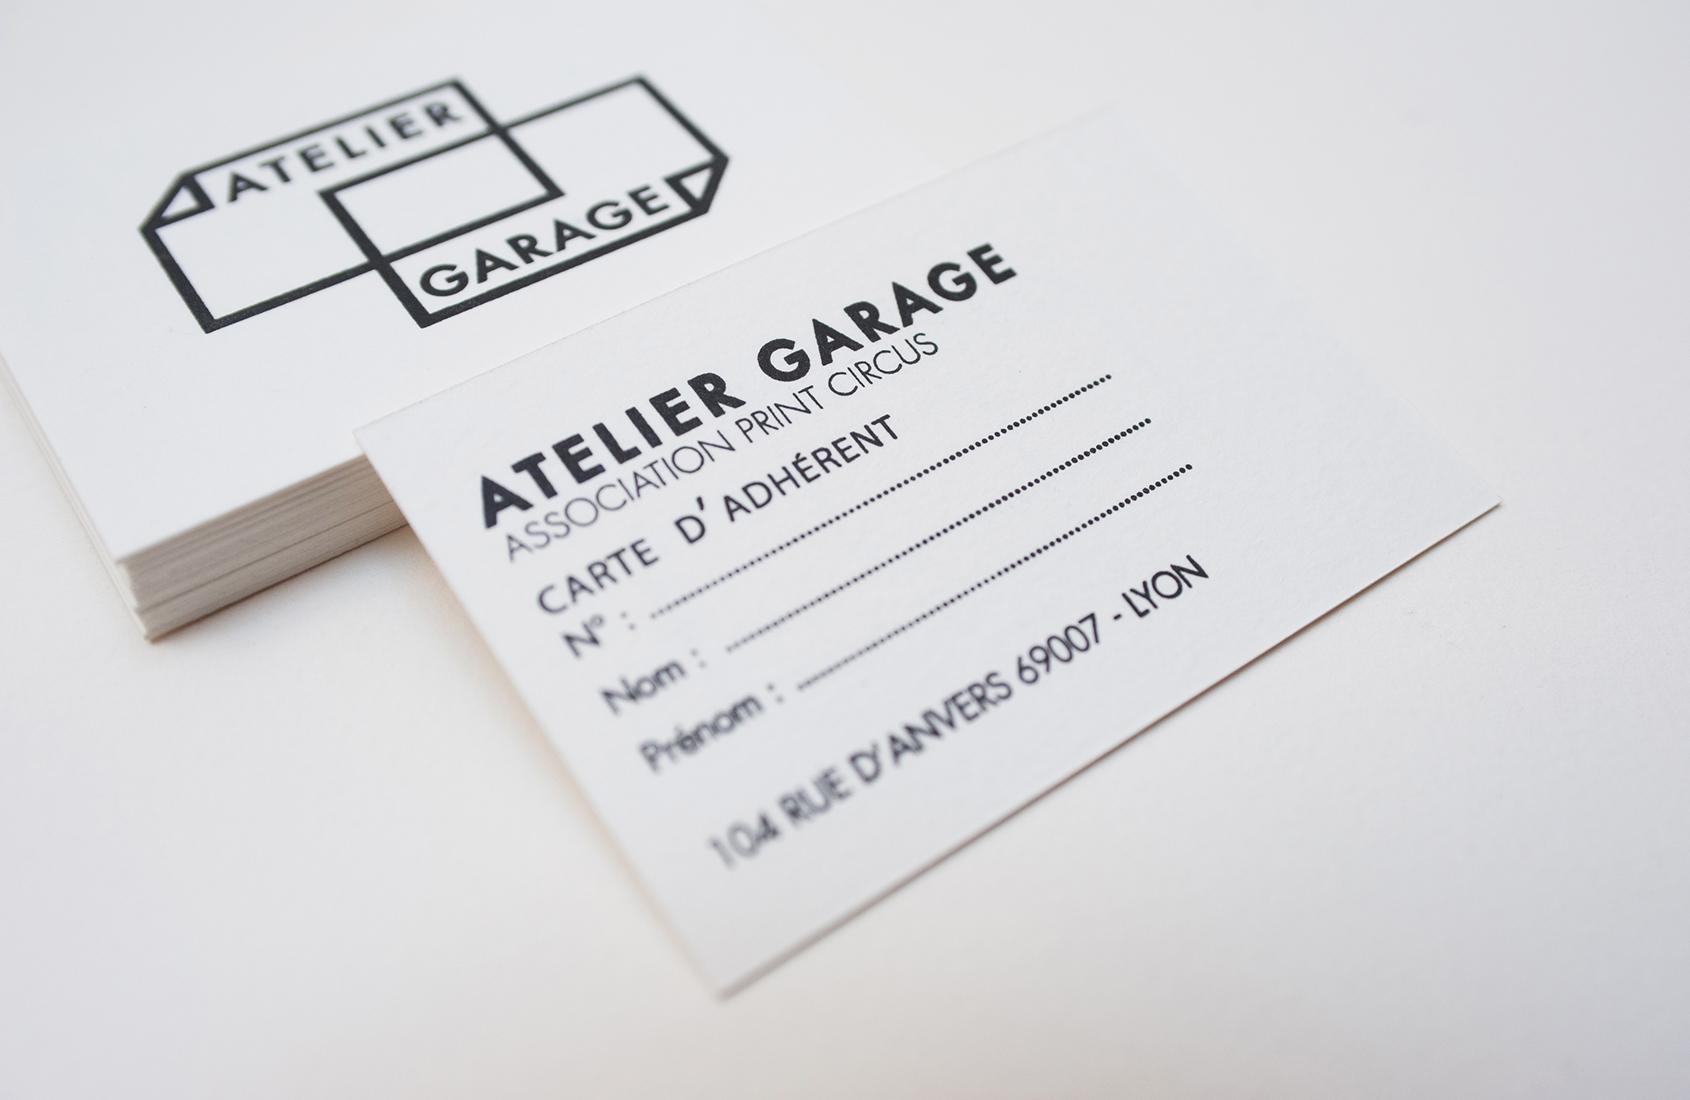 Creation Du Logo Et Impression Des Cartes De Visite Dadherent Pour LAtelier Garage Atelier Dedition Artisanale Associatif Avec Lequel Nous Partageons